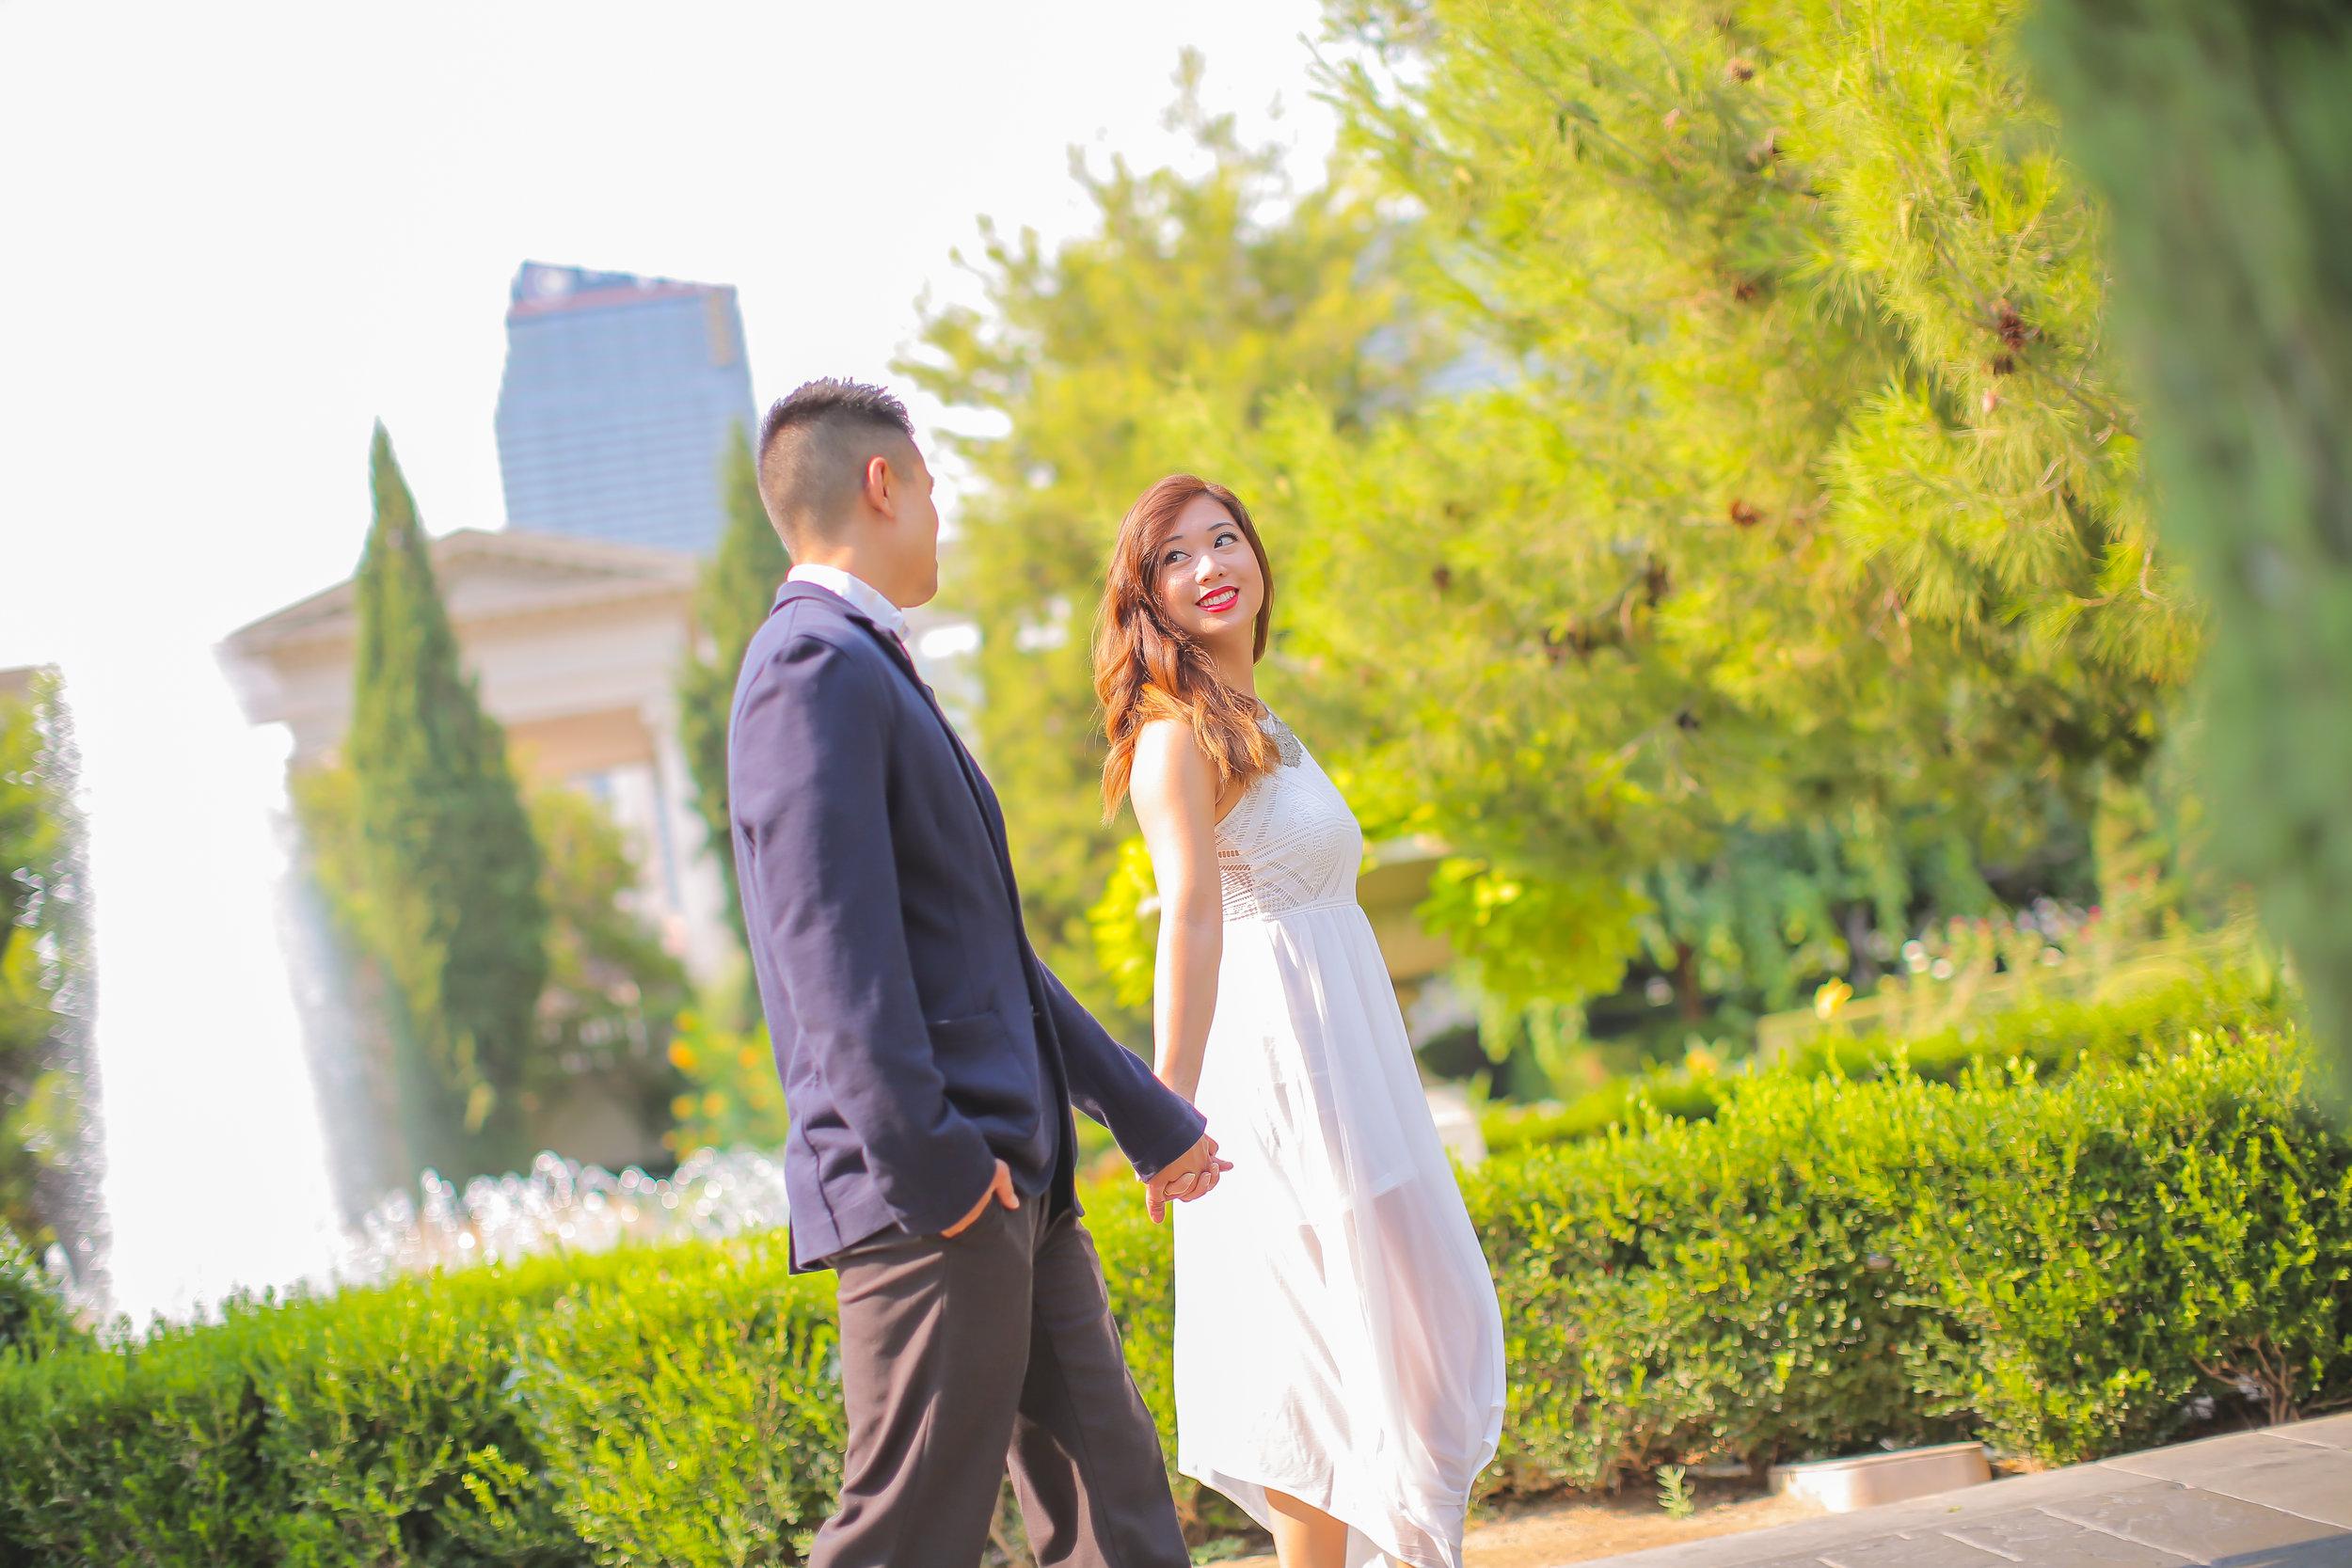 Steve+Danica Engagement-4.JPG